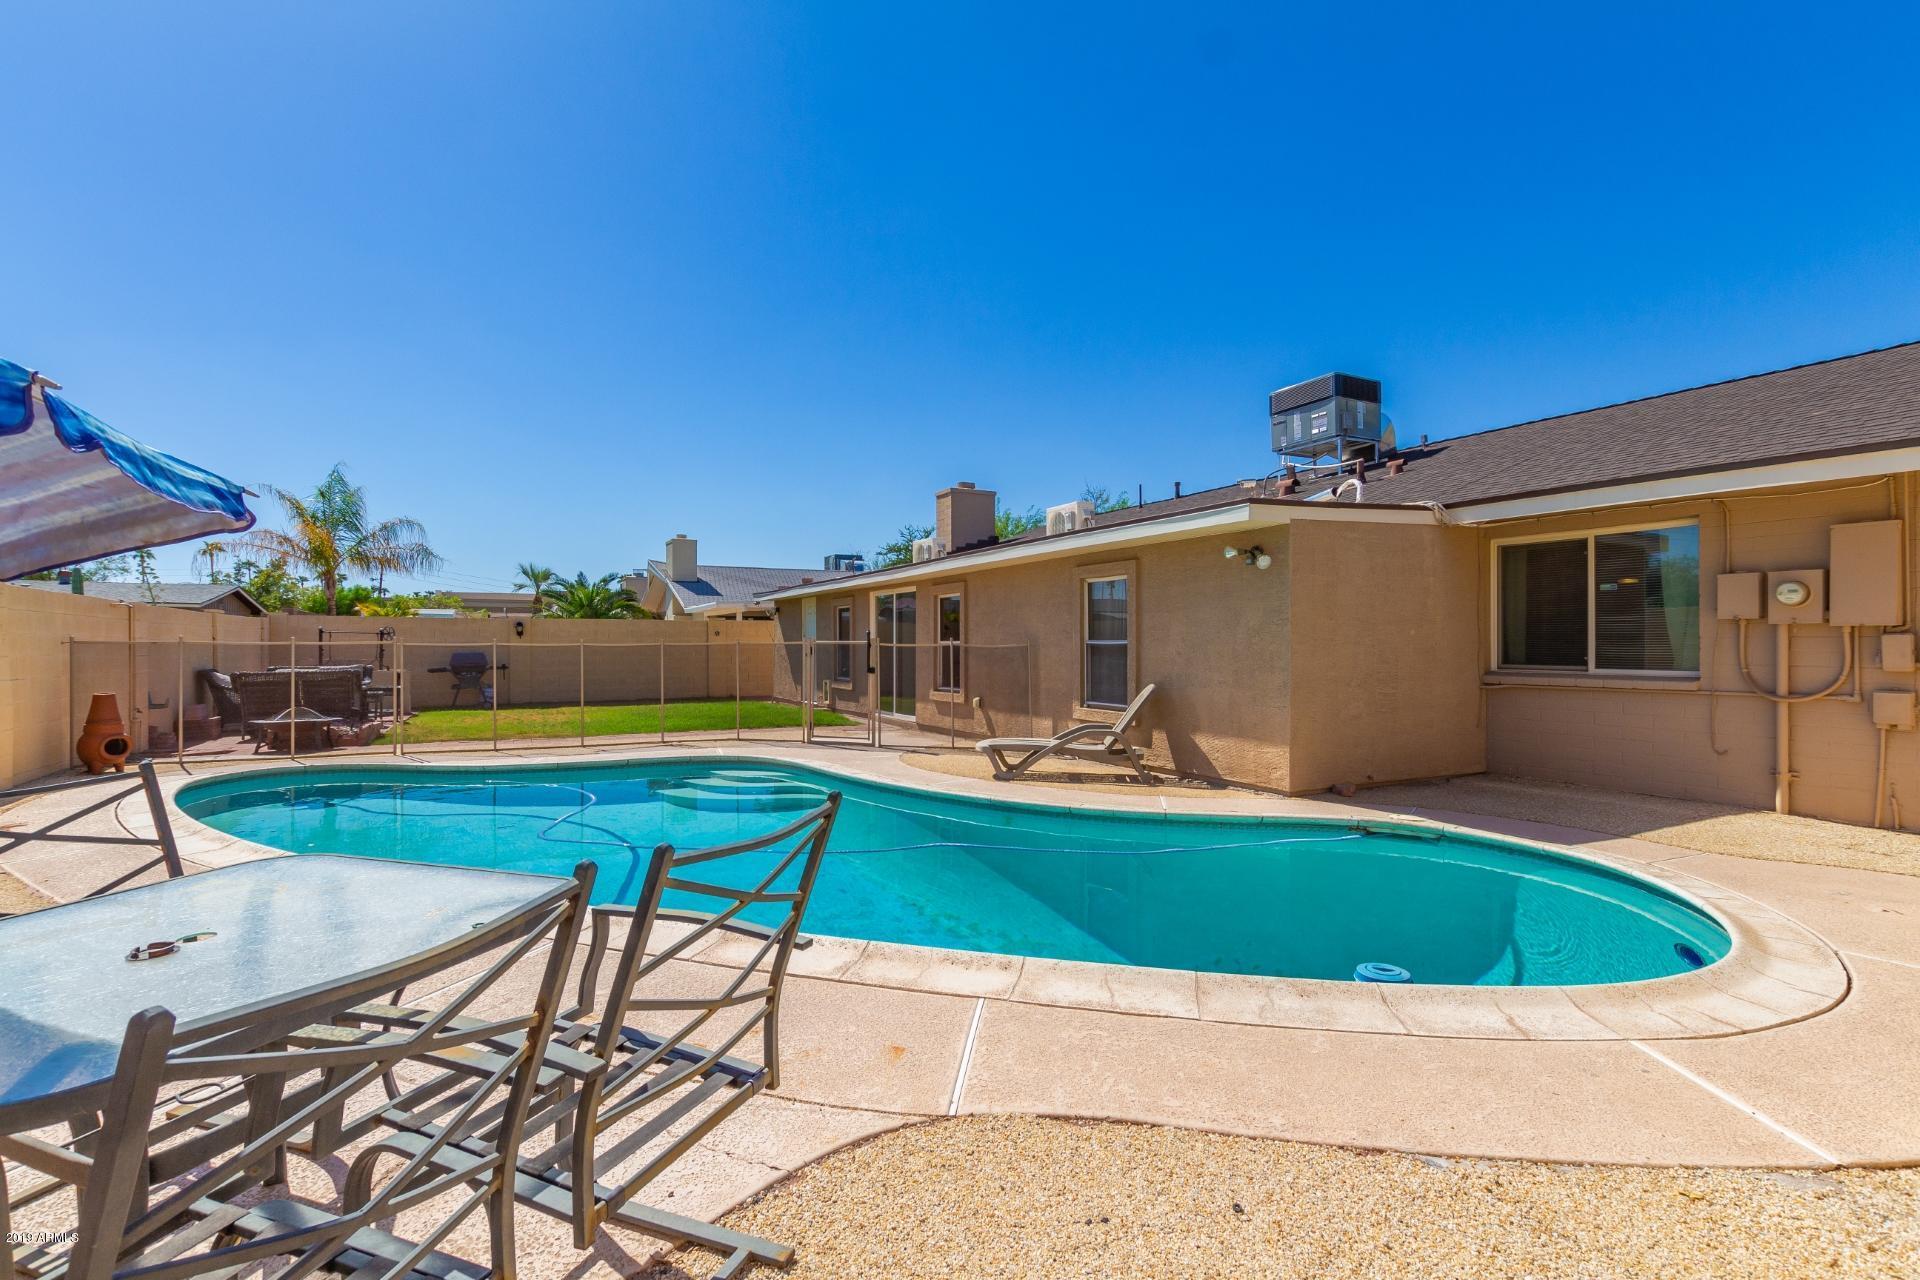 MLS 5964635 1863 E GENEVA Drive, Tempe, AZ 85282 Tempe AZ Knoell Tempe